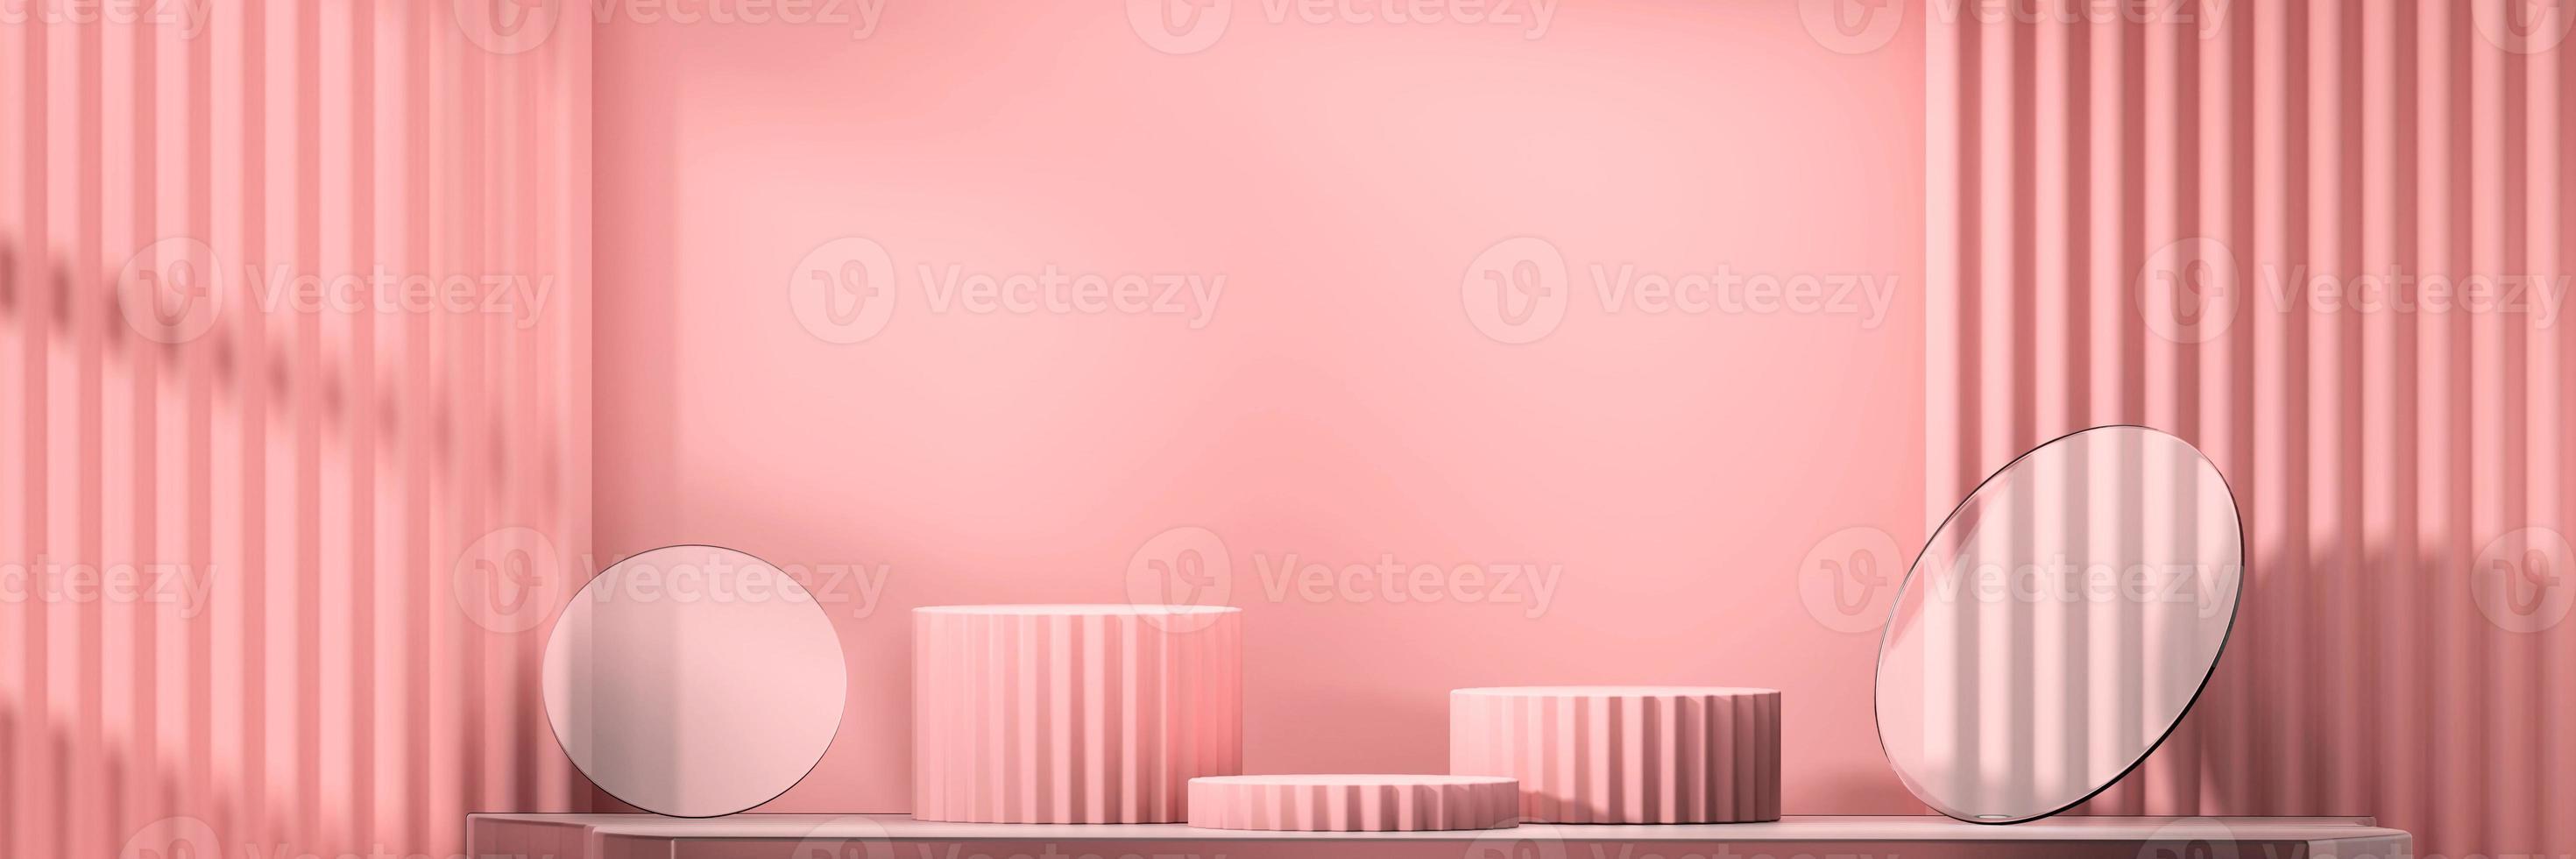 maquette de podium de scène abstraite photo